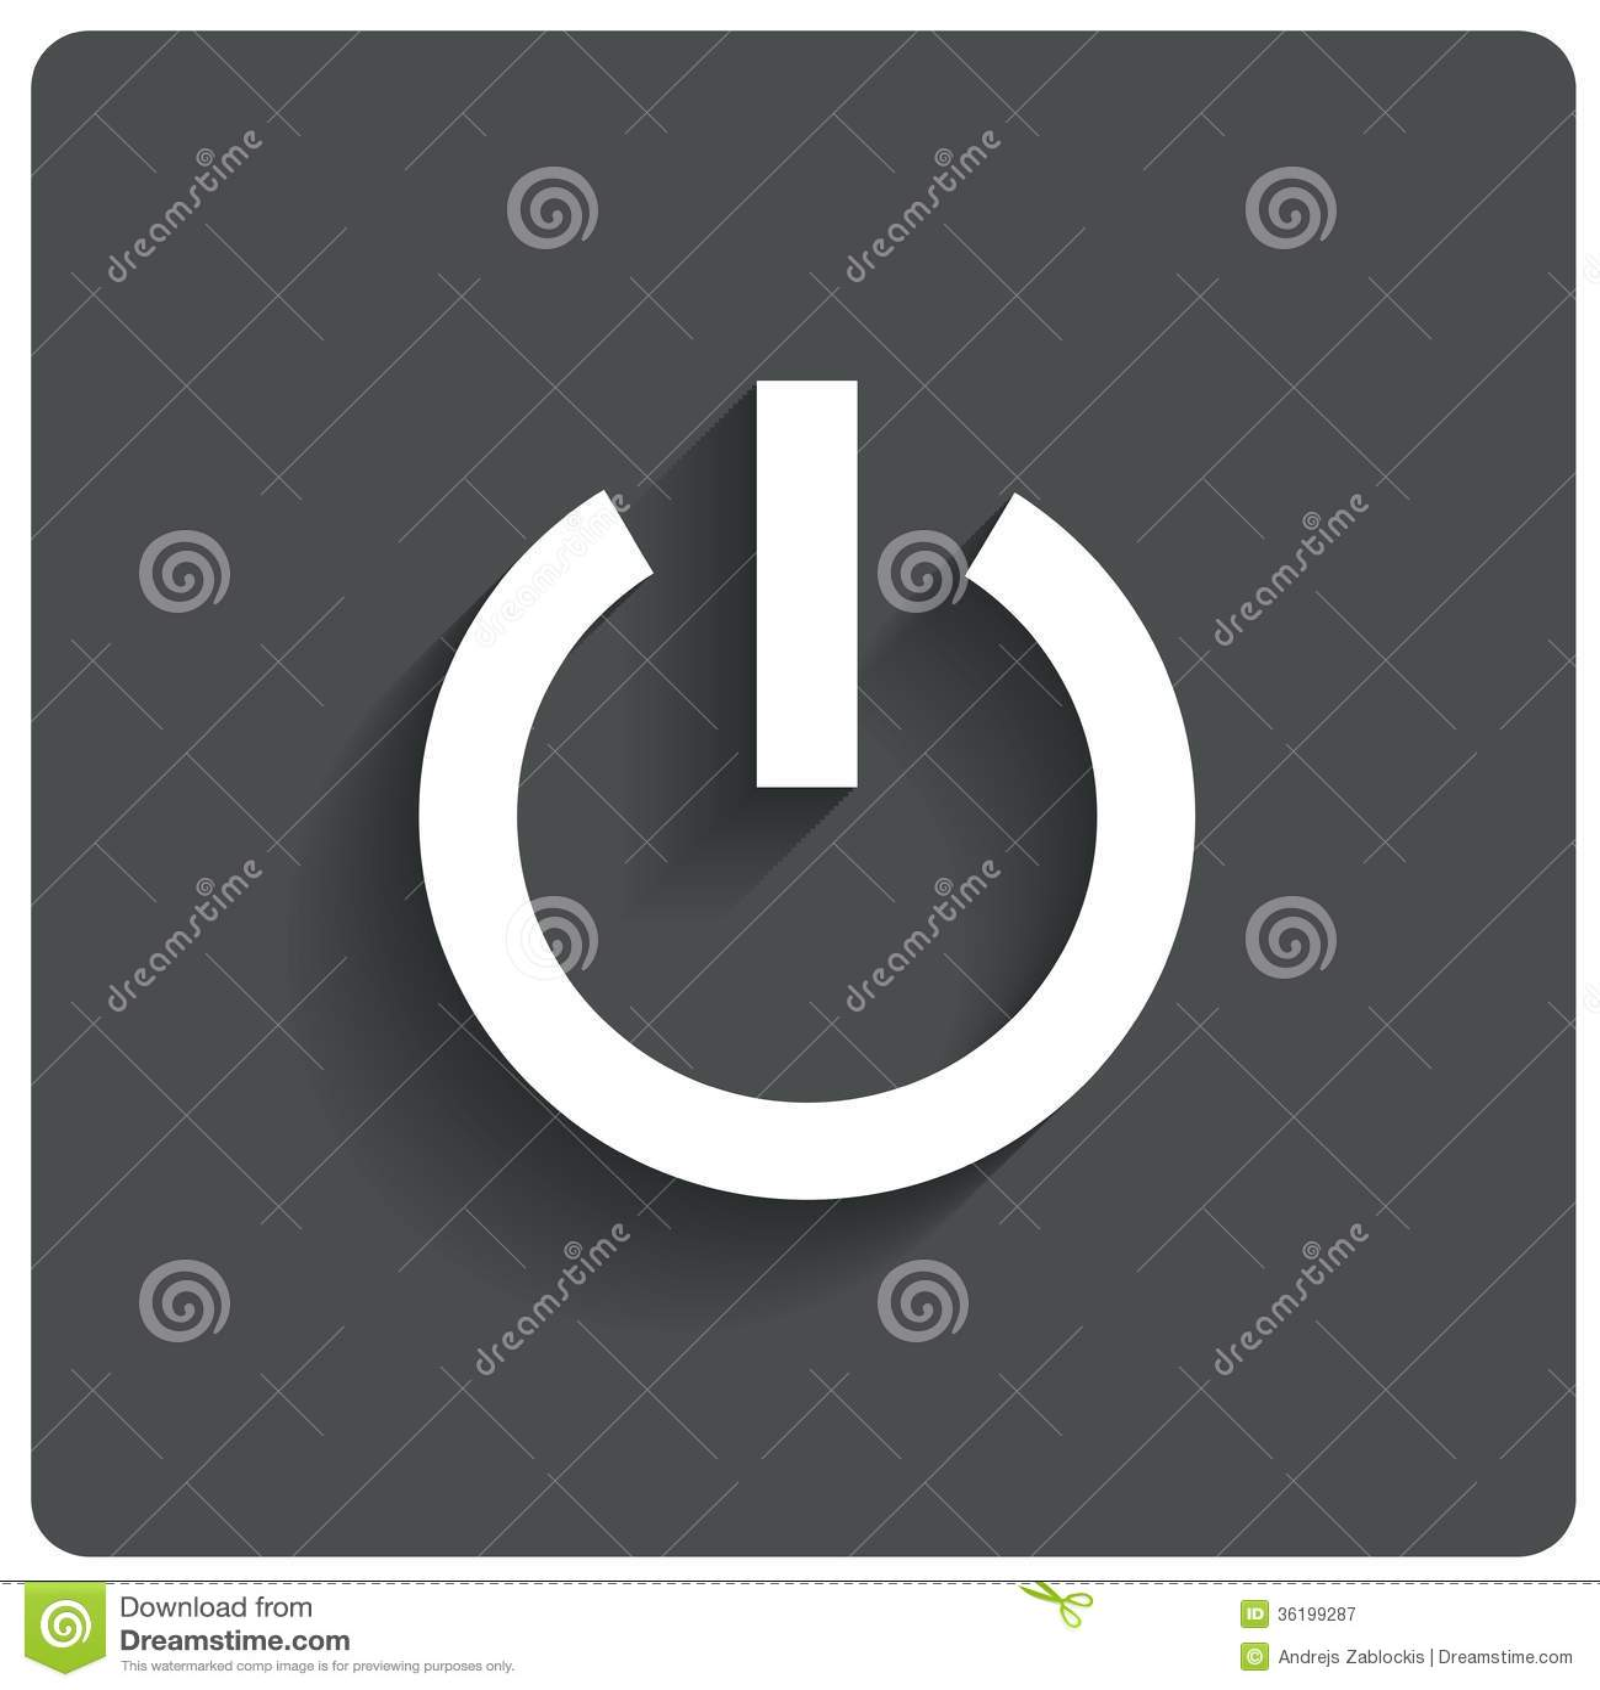 Key Switch Electrical Symbol